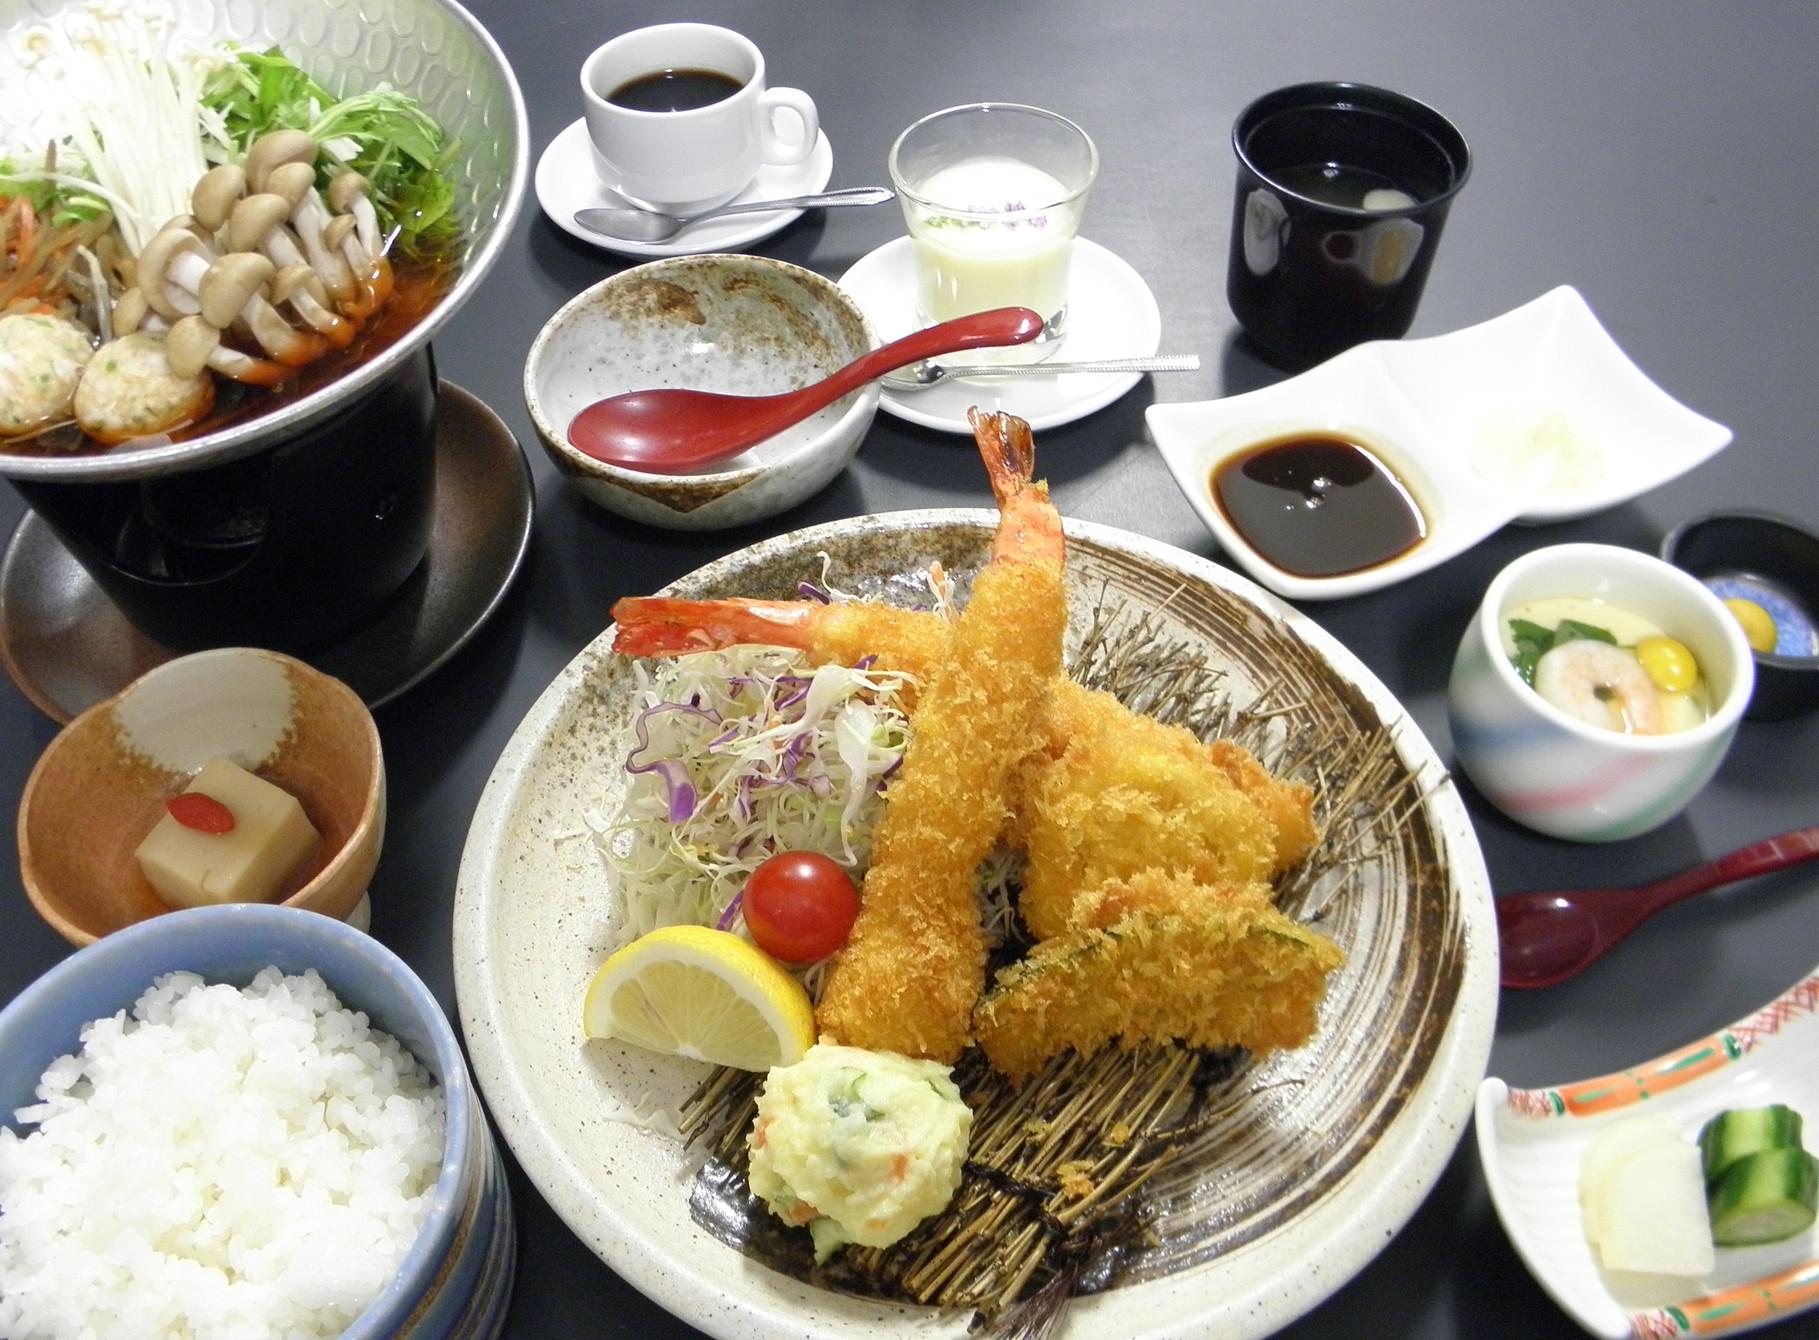 大海老フライ御膳 1,500円(税込)